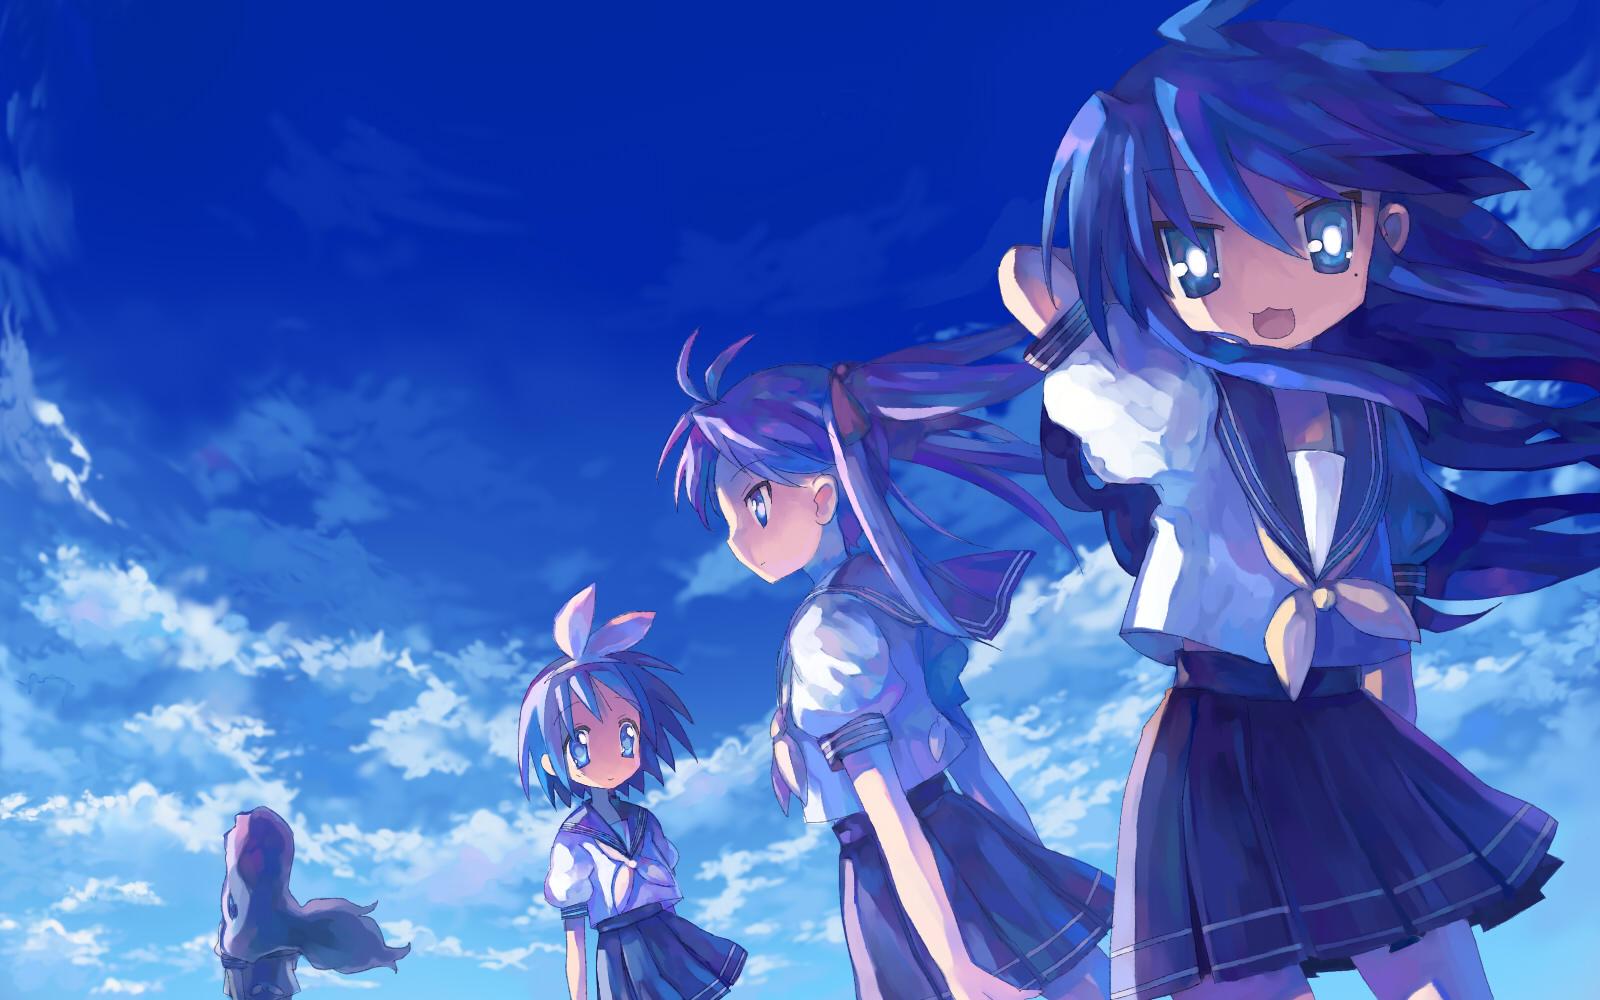 blue blue_hair clouds hiiragi_kagami hiiragi_tsukasa izumi_konata lucky_star school_uniform sky takara_miyuki tsuchiya_akira